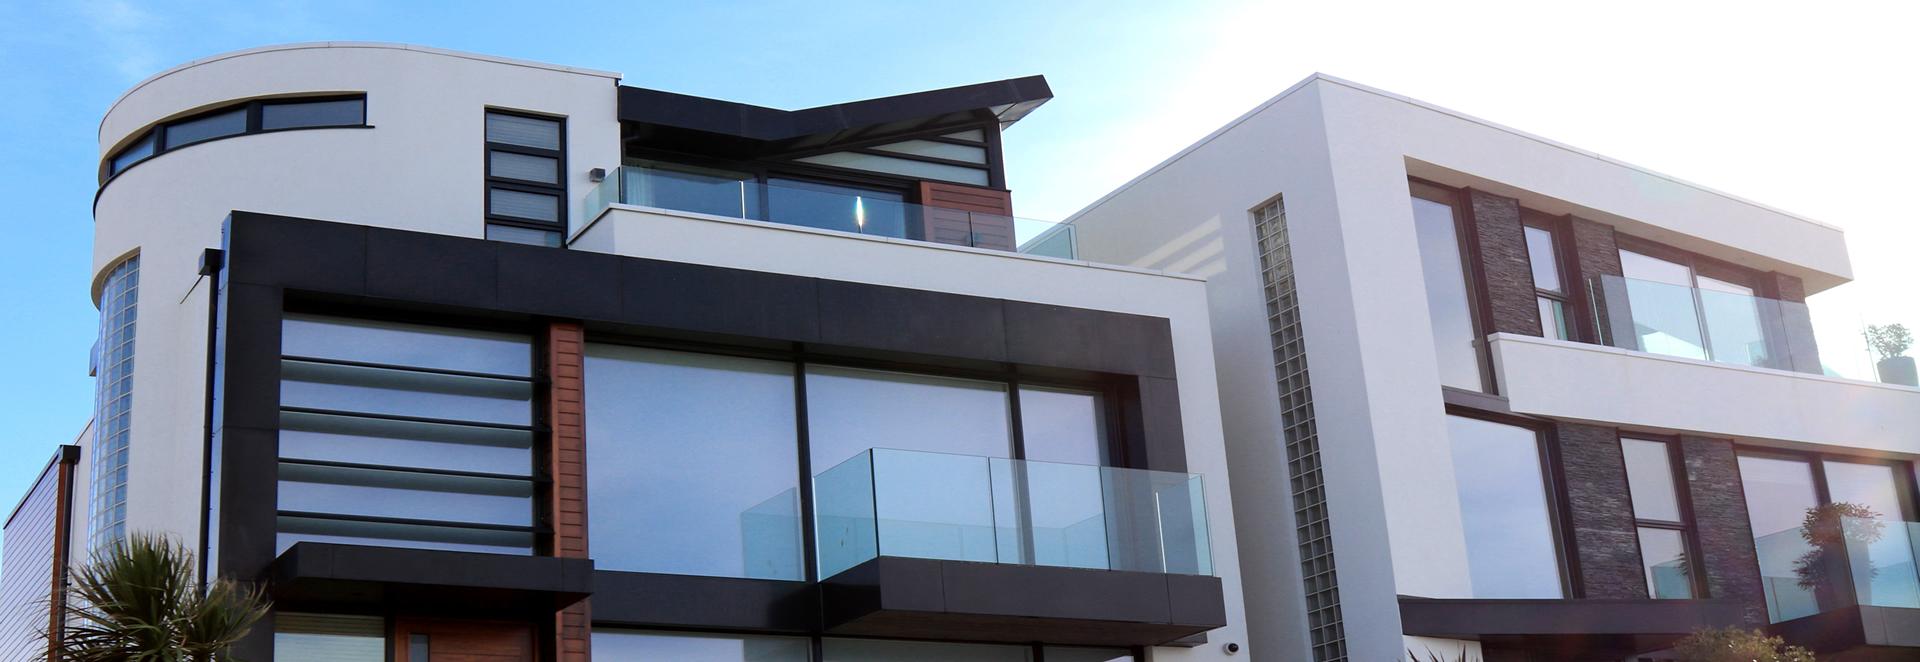 <h1>Die Haus- und Grundbesitzerhaftplicht ist für Eigentümer und Vermieter unerlässlich. Sie schützt Sie vor Schadensansprüchen Dritter </h1>